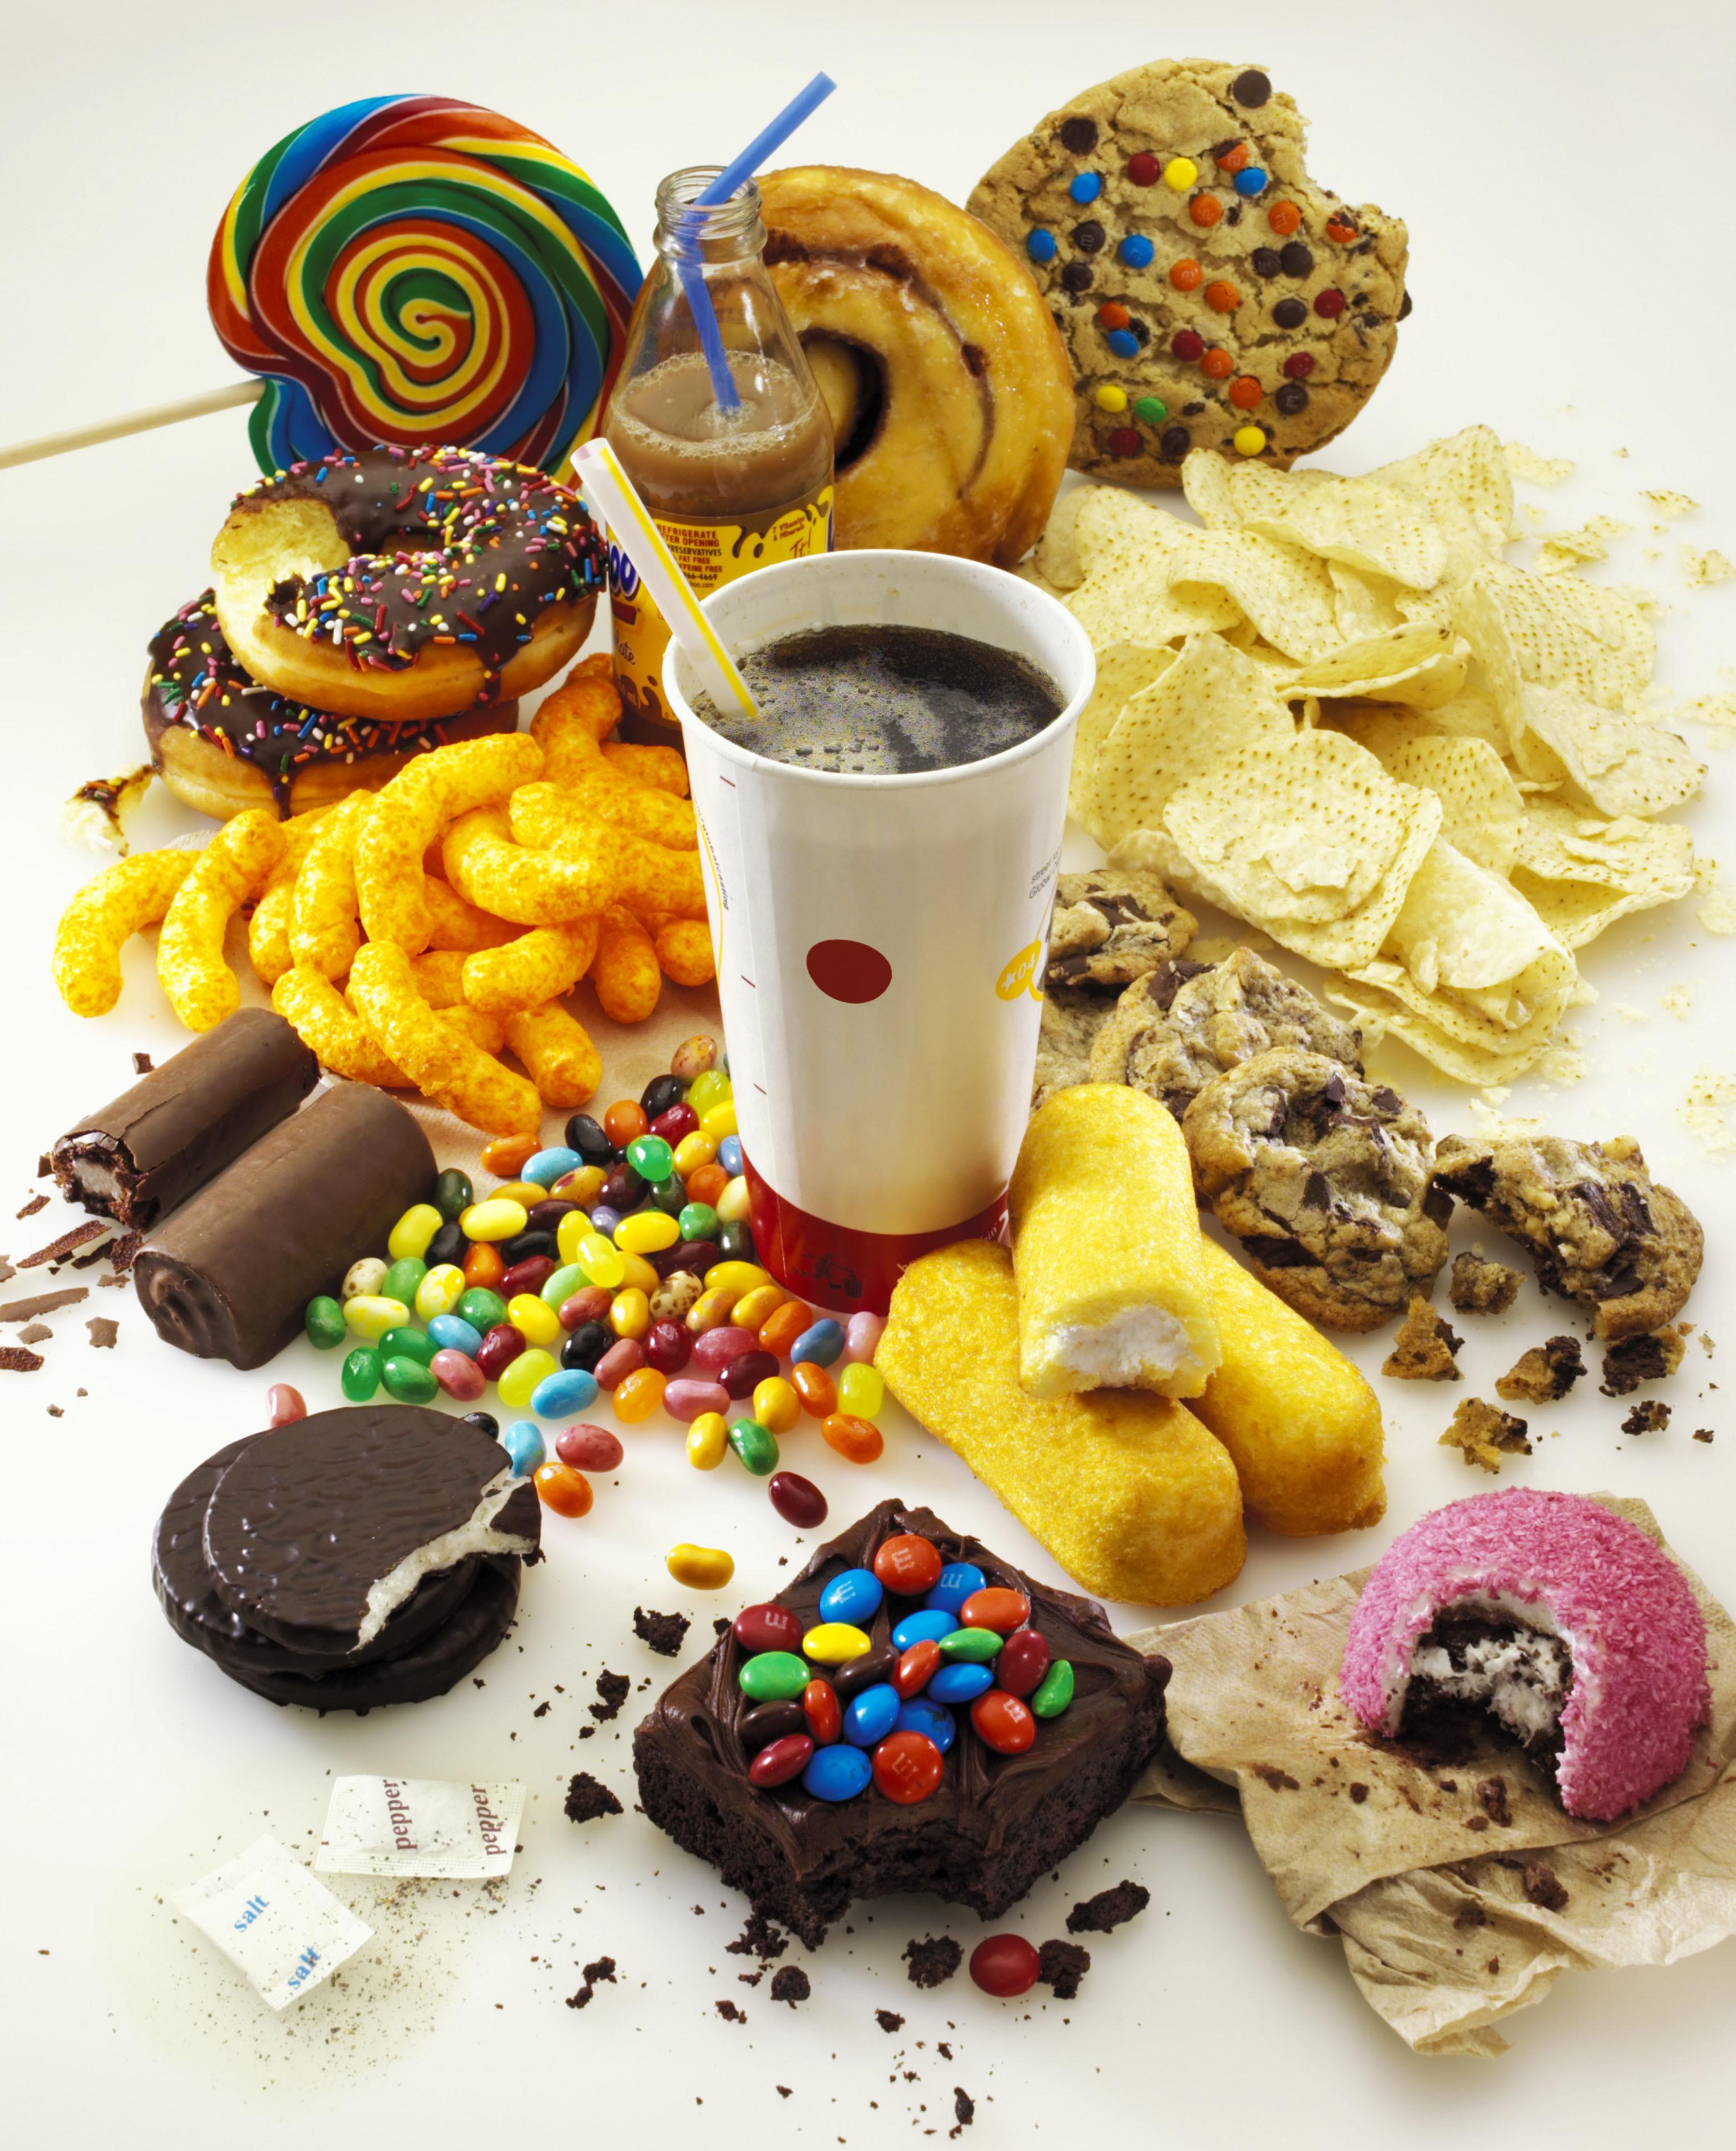 Un Healthy Snacks  Junk food ESL Resources